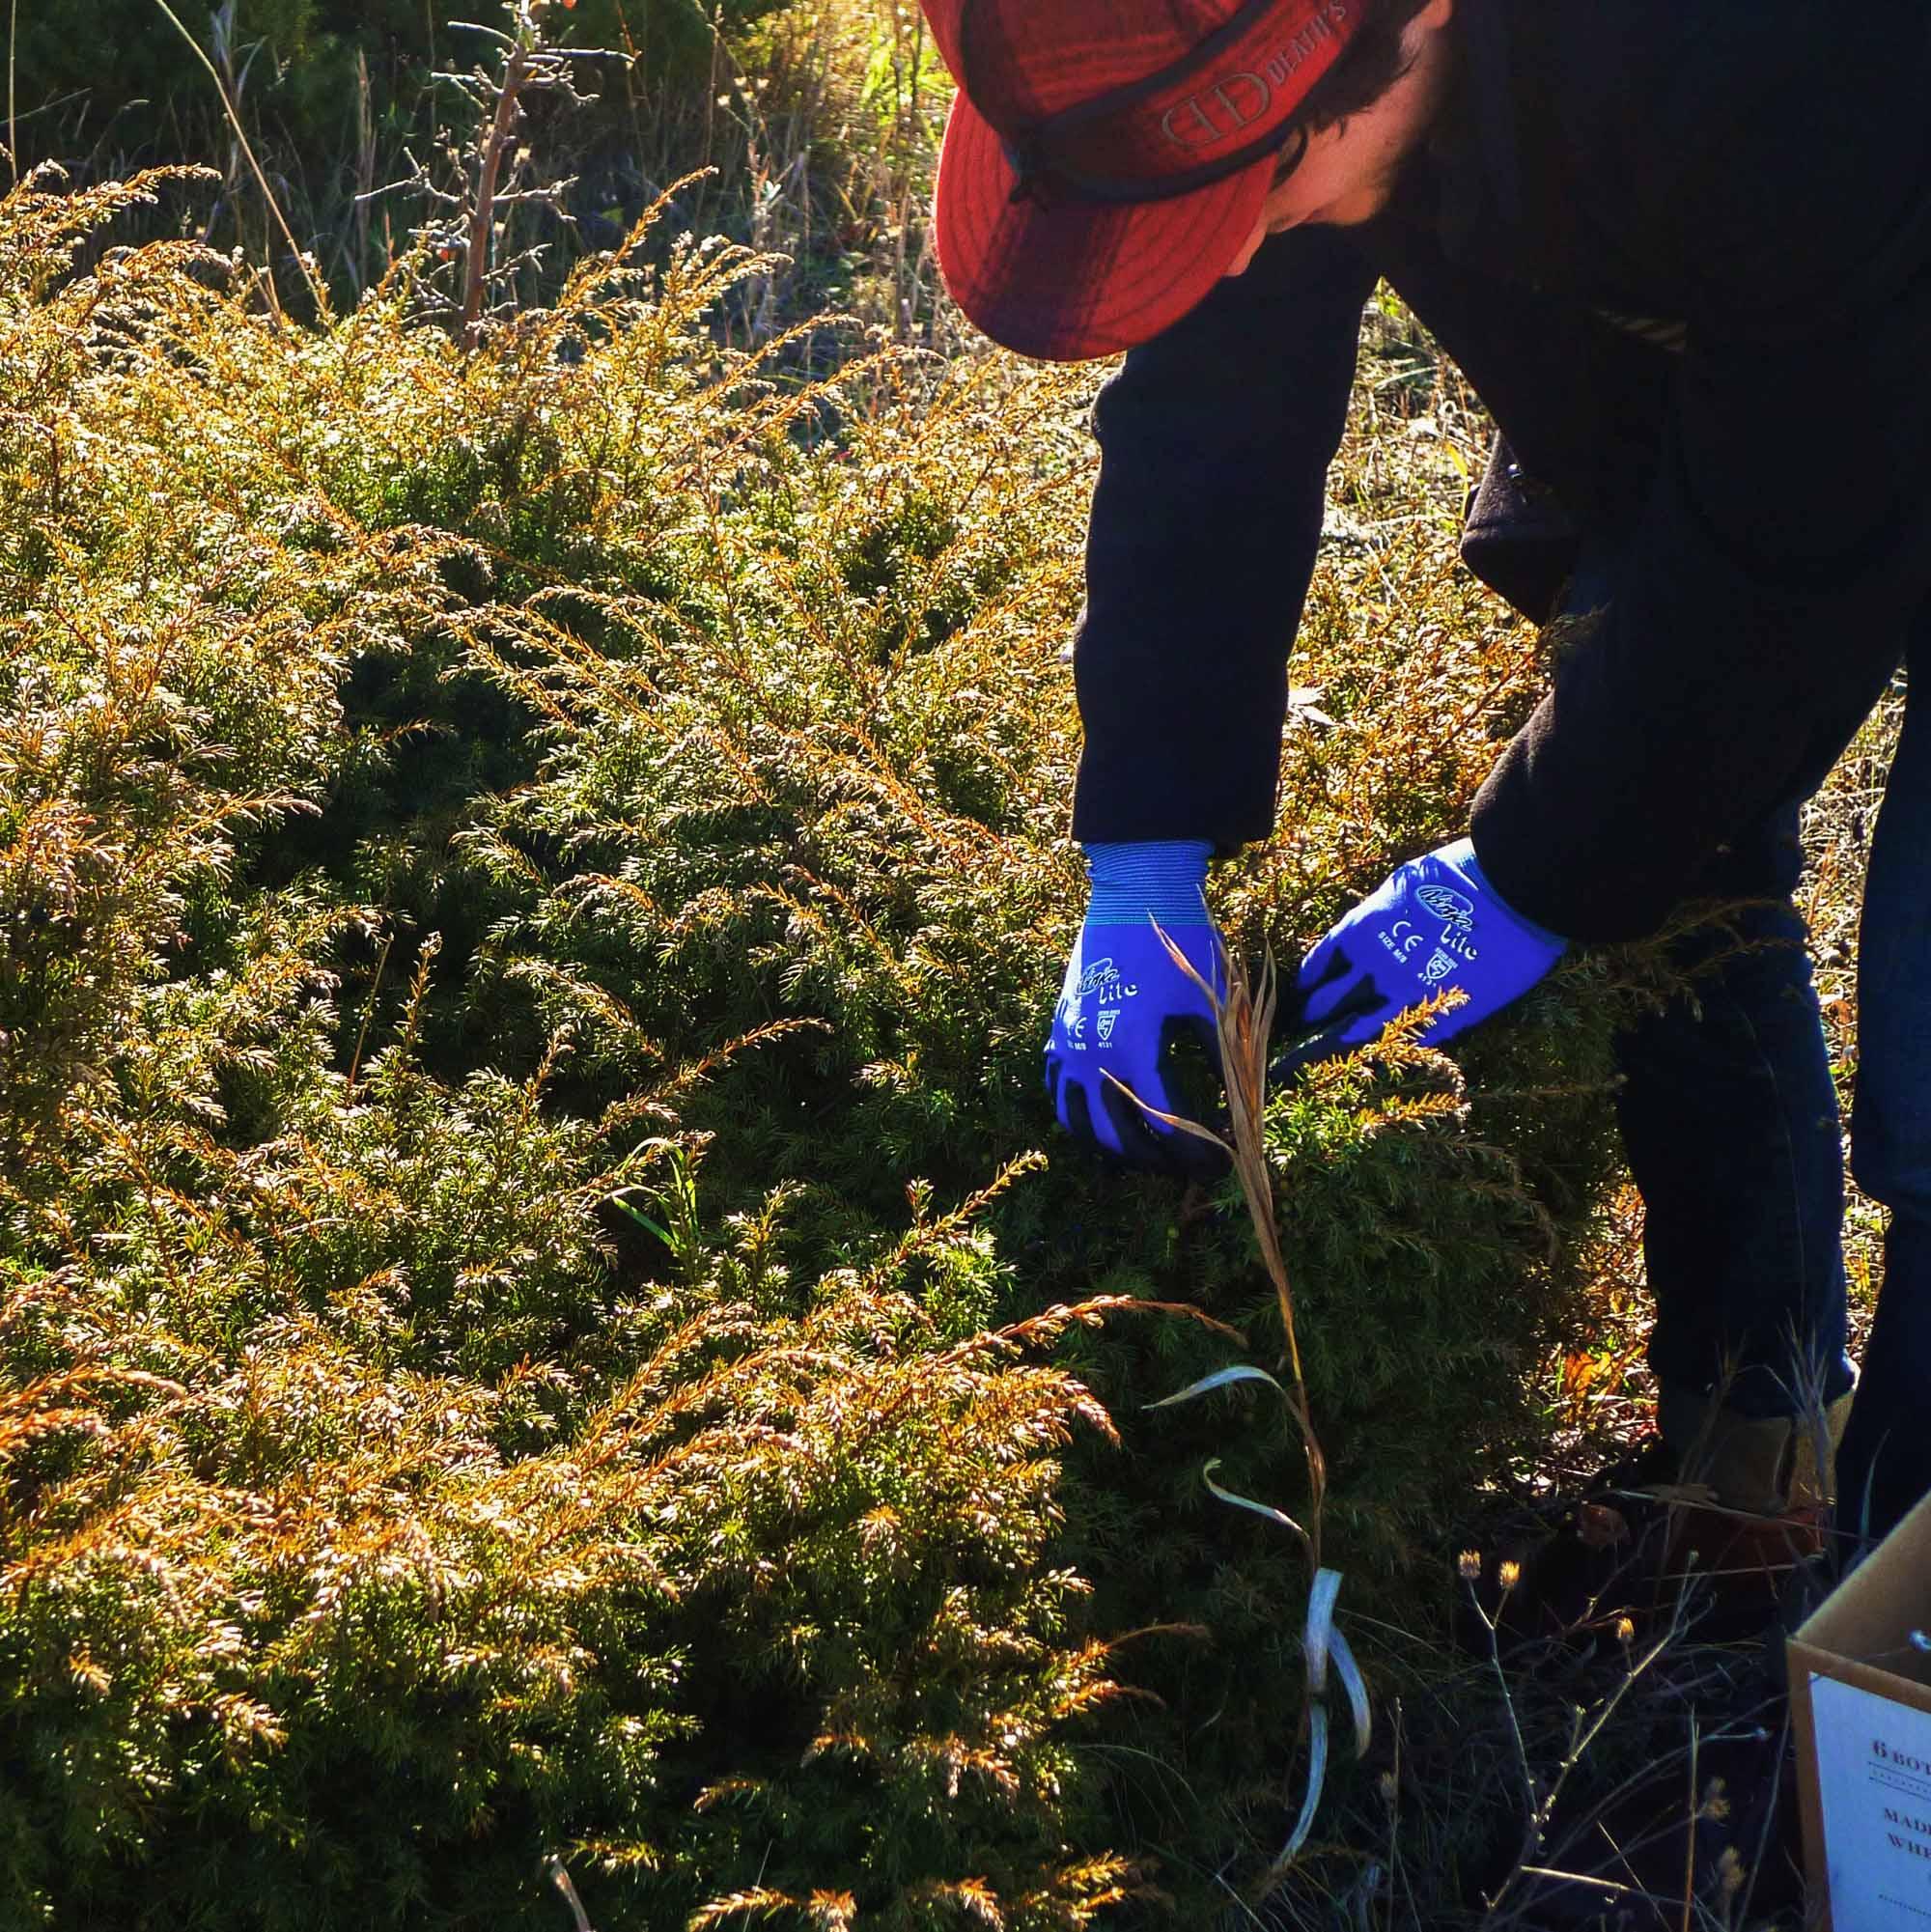 Harvesting juniper berries on Washington Island in Door County, Wisconsin. Photo: Boothby